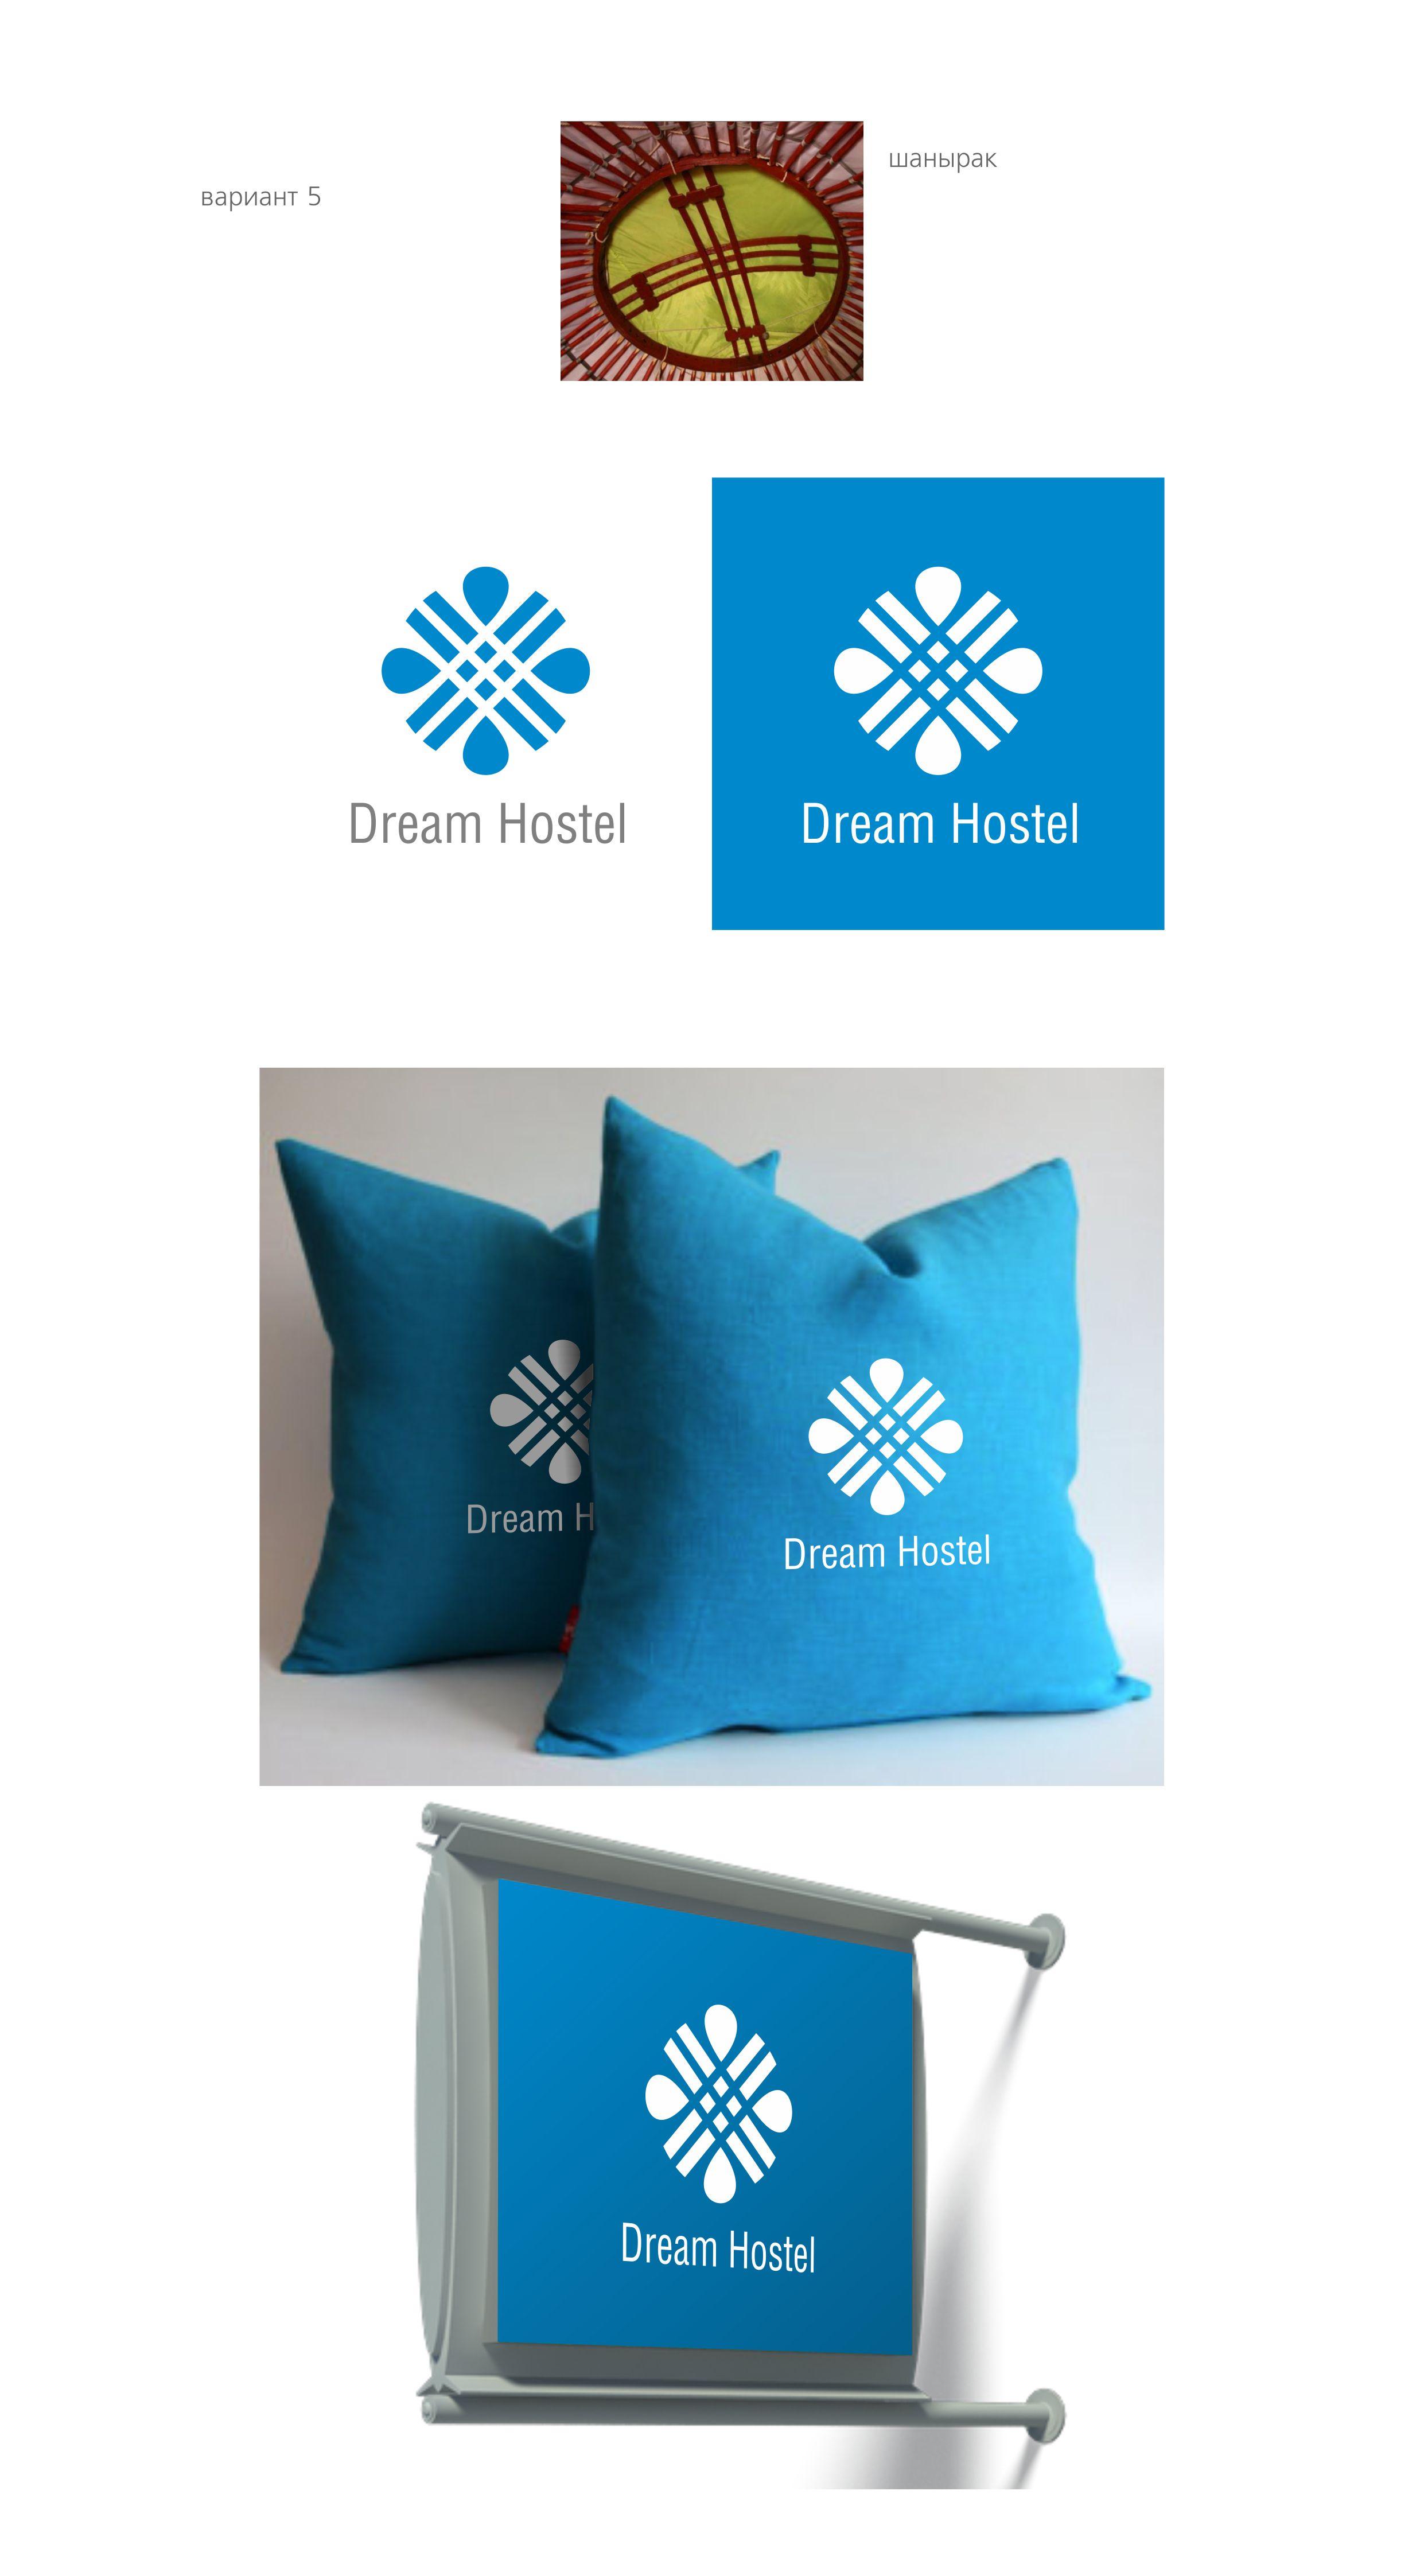 Нужна разработка логотипа, фирменного знака и фирменного сти фото f_31954773ff3efd2d.jpg